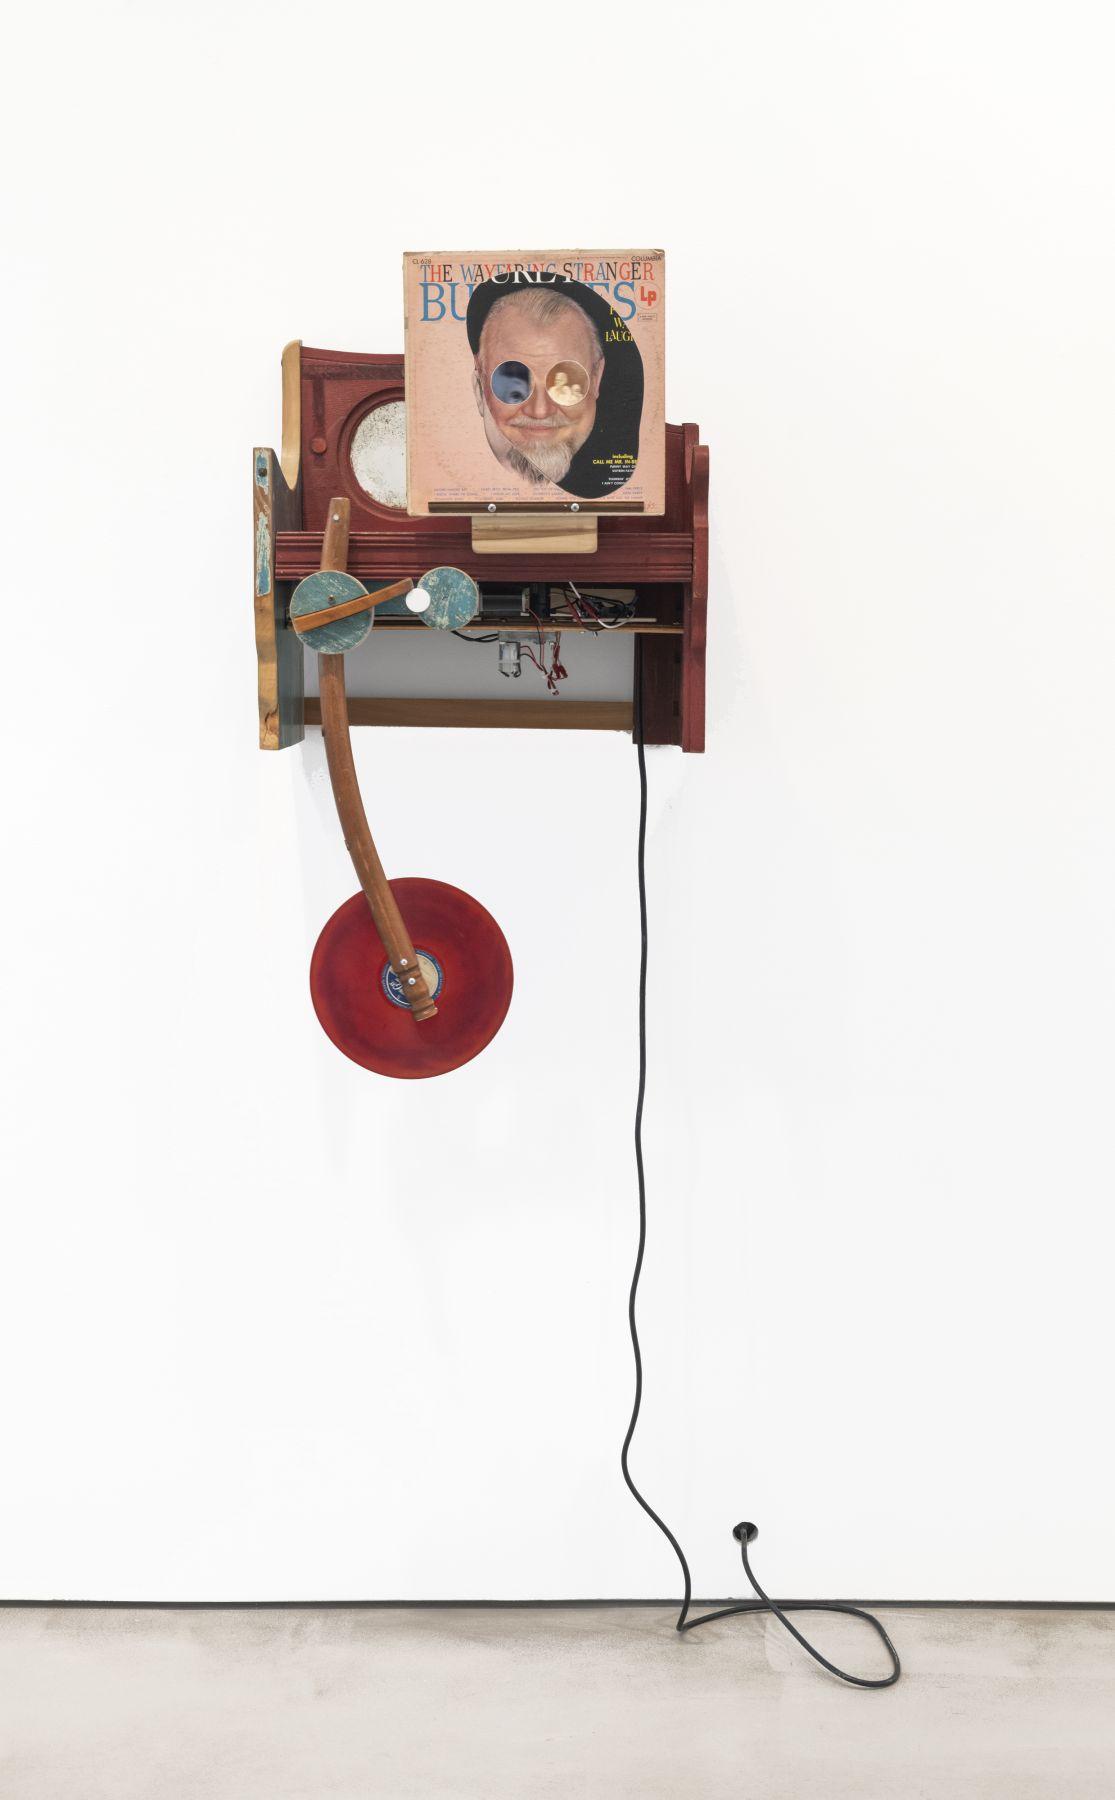 MARTIN KERSELS Self Portrait 2019